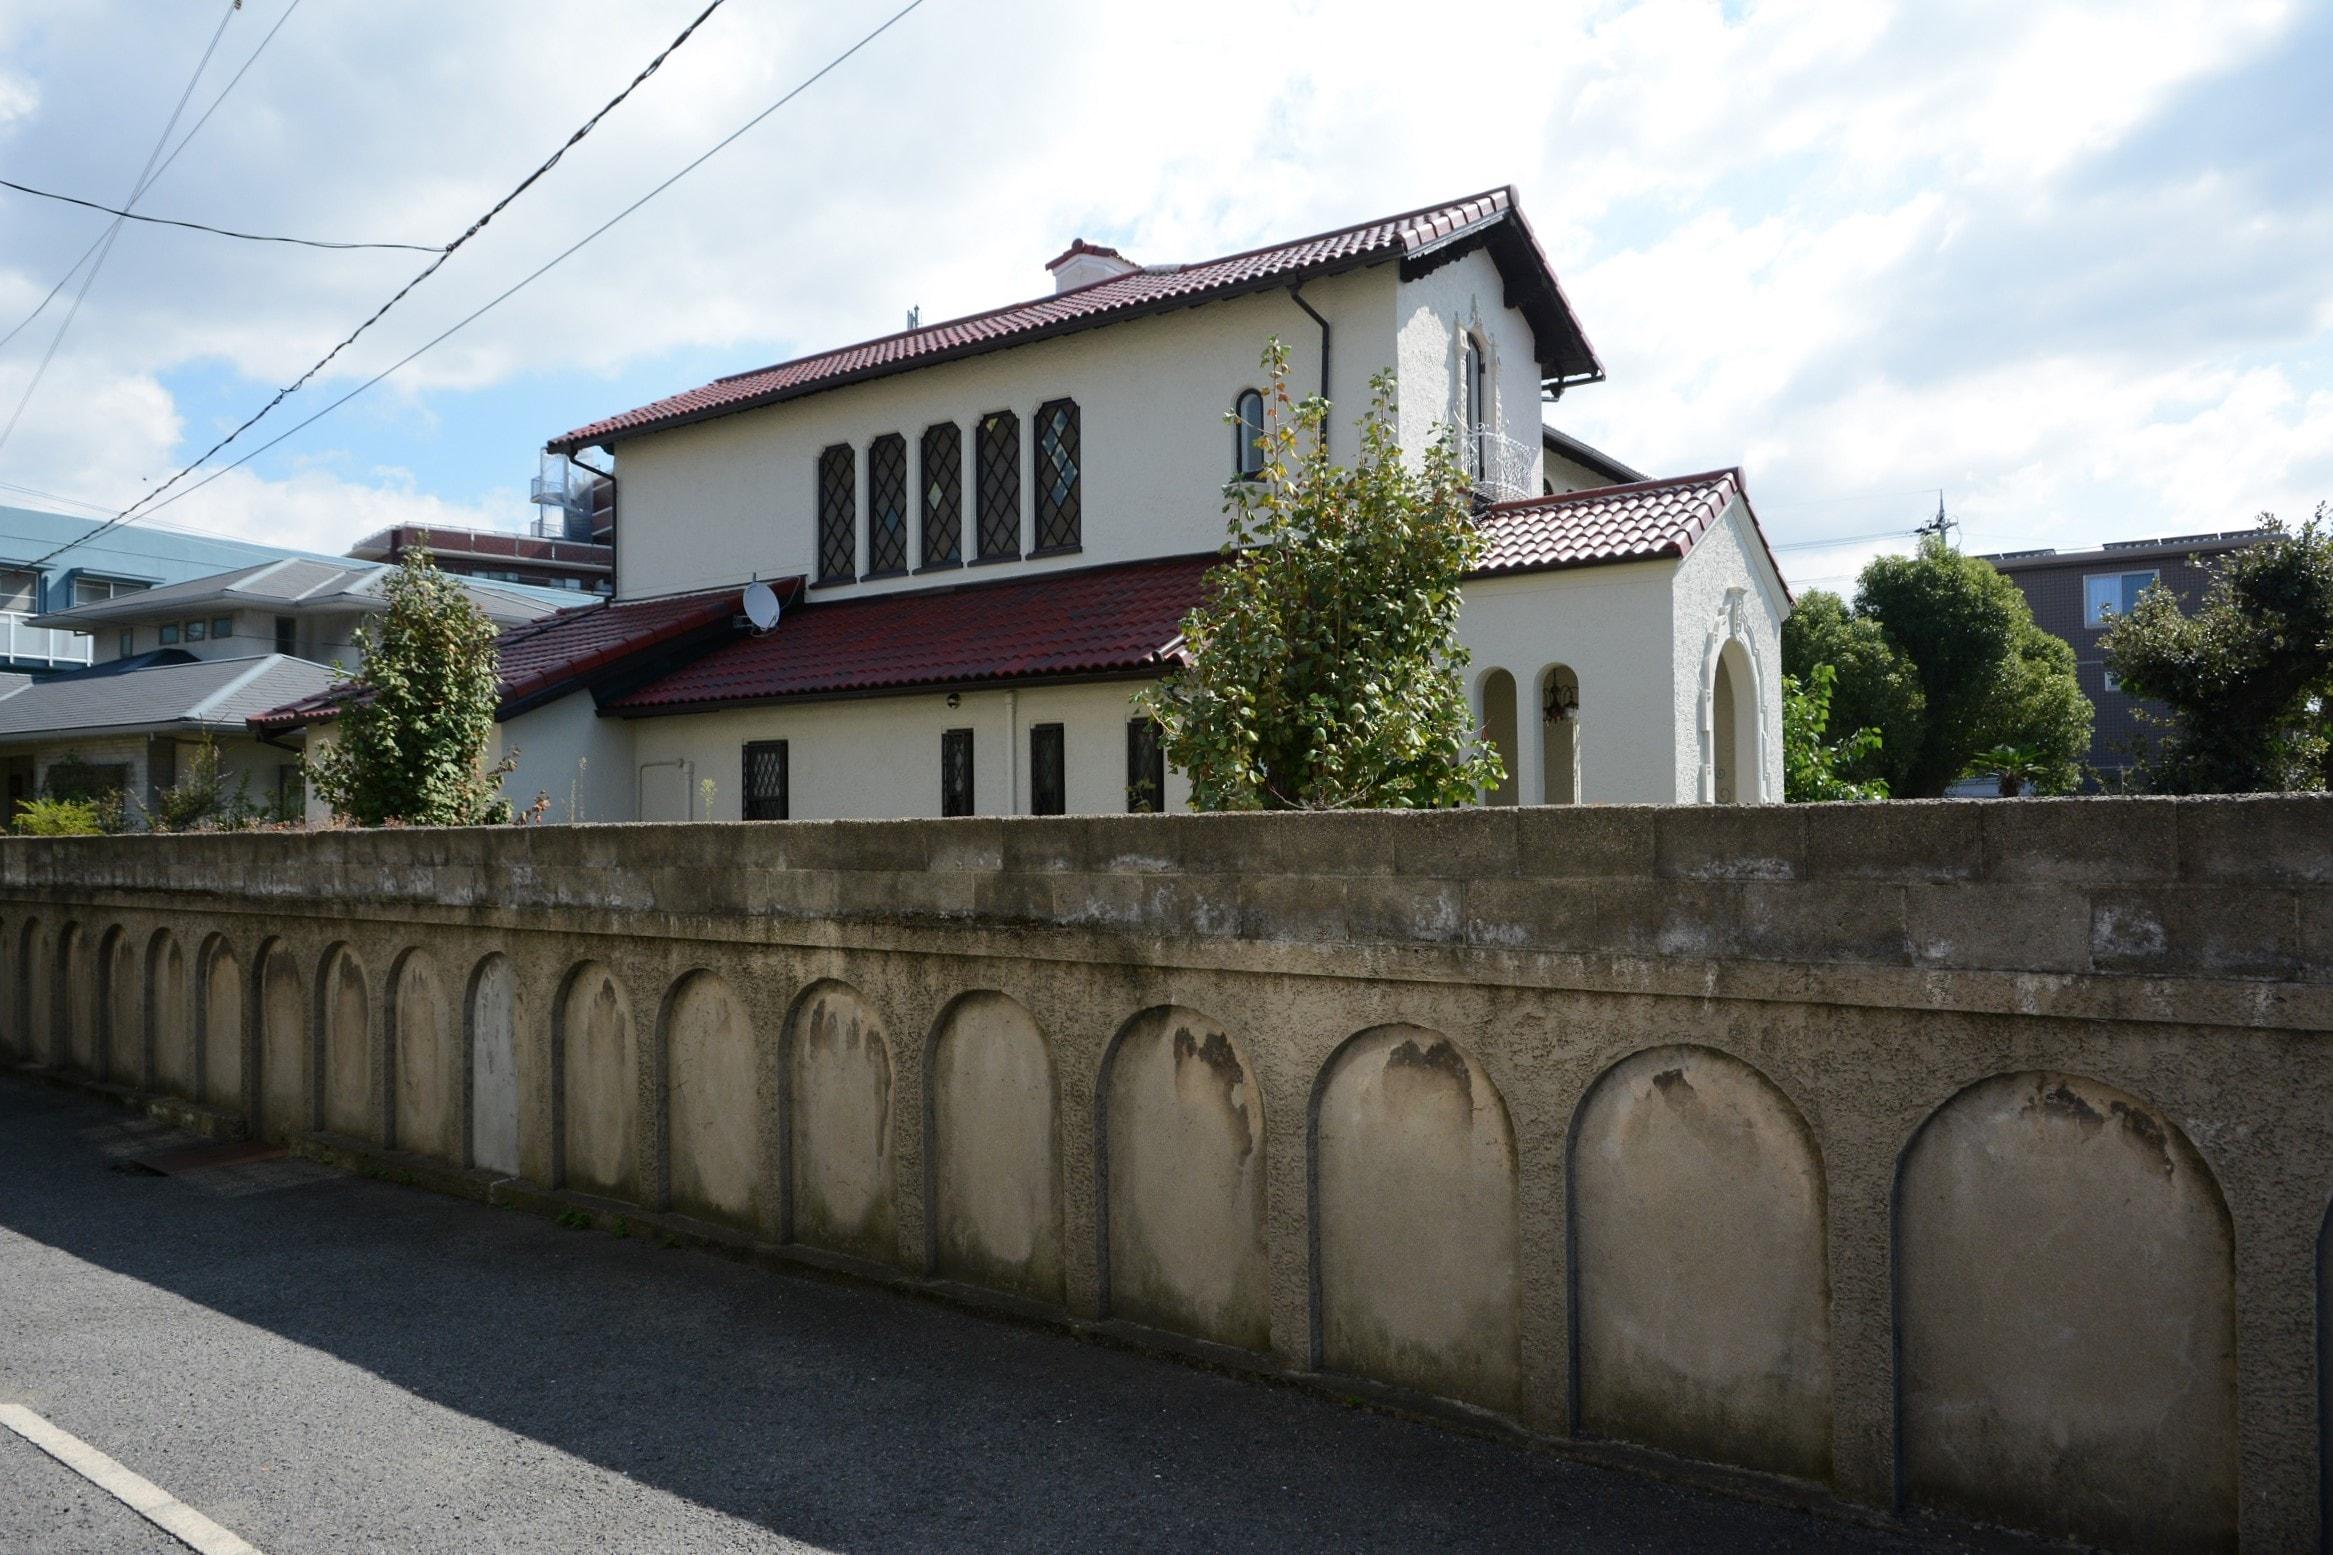 <p>敷地を囲む塀</p>塀は半円アーチを浅く彫りくぼめ、柱型を作り出している。